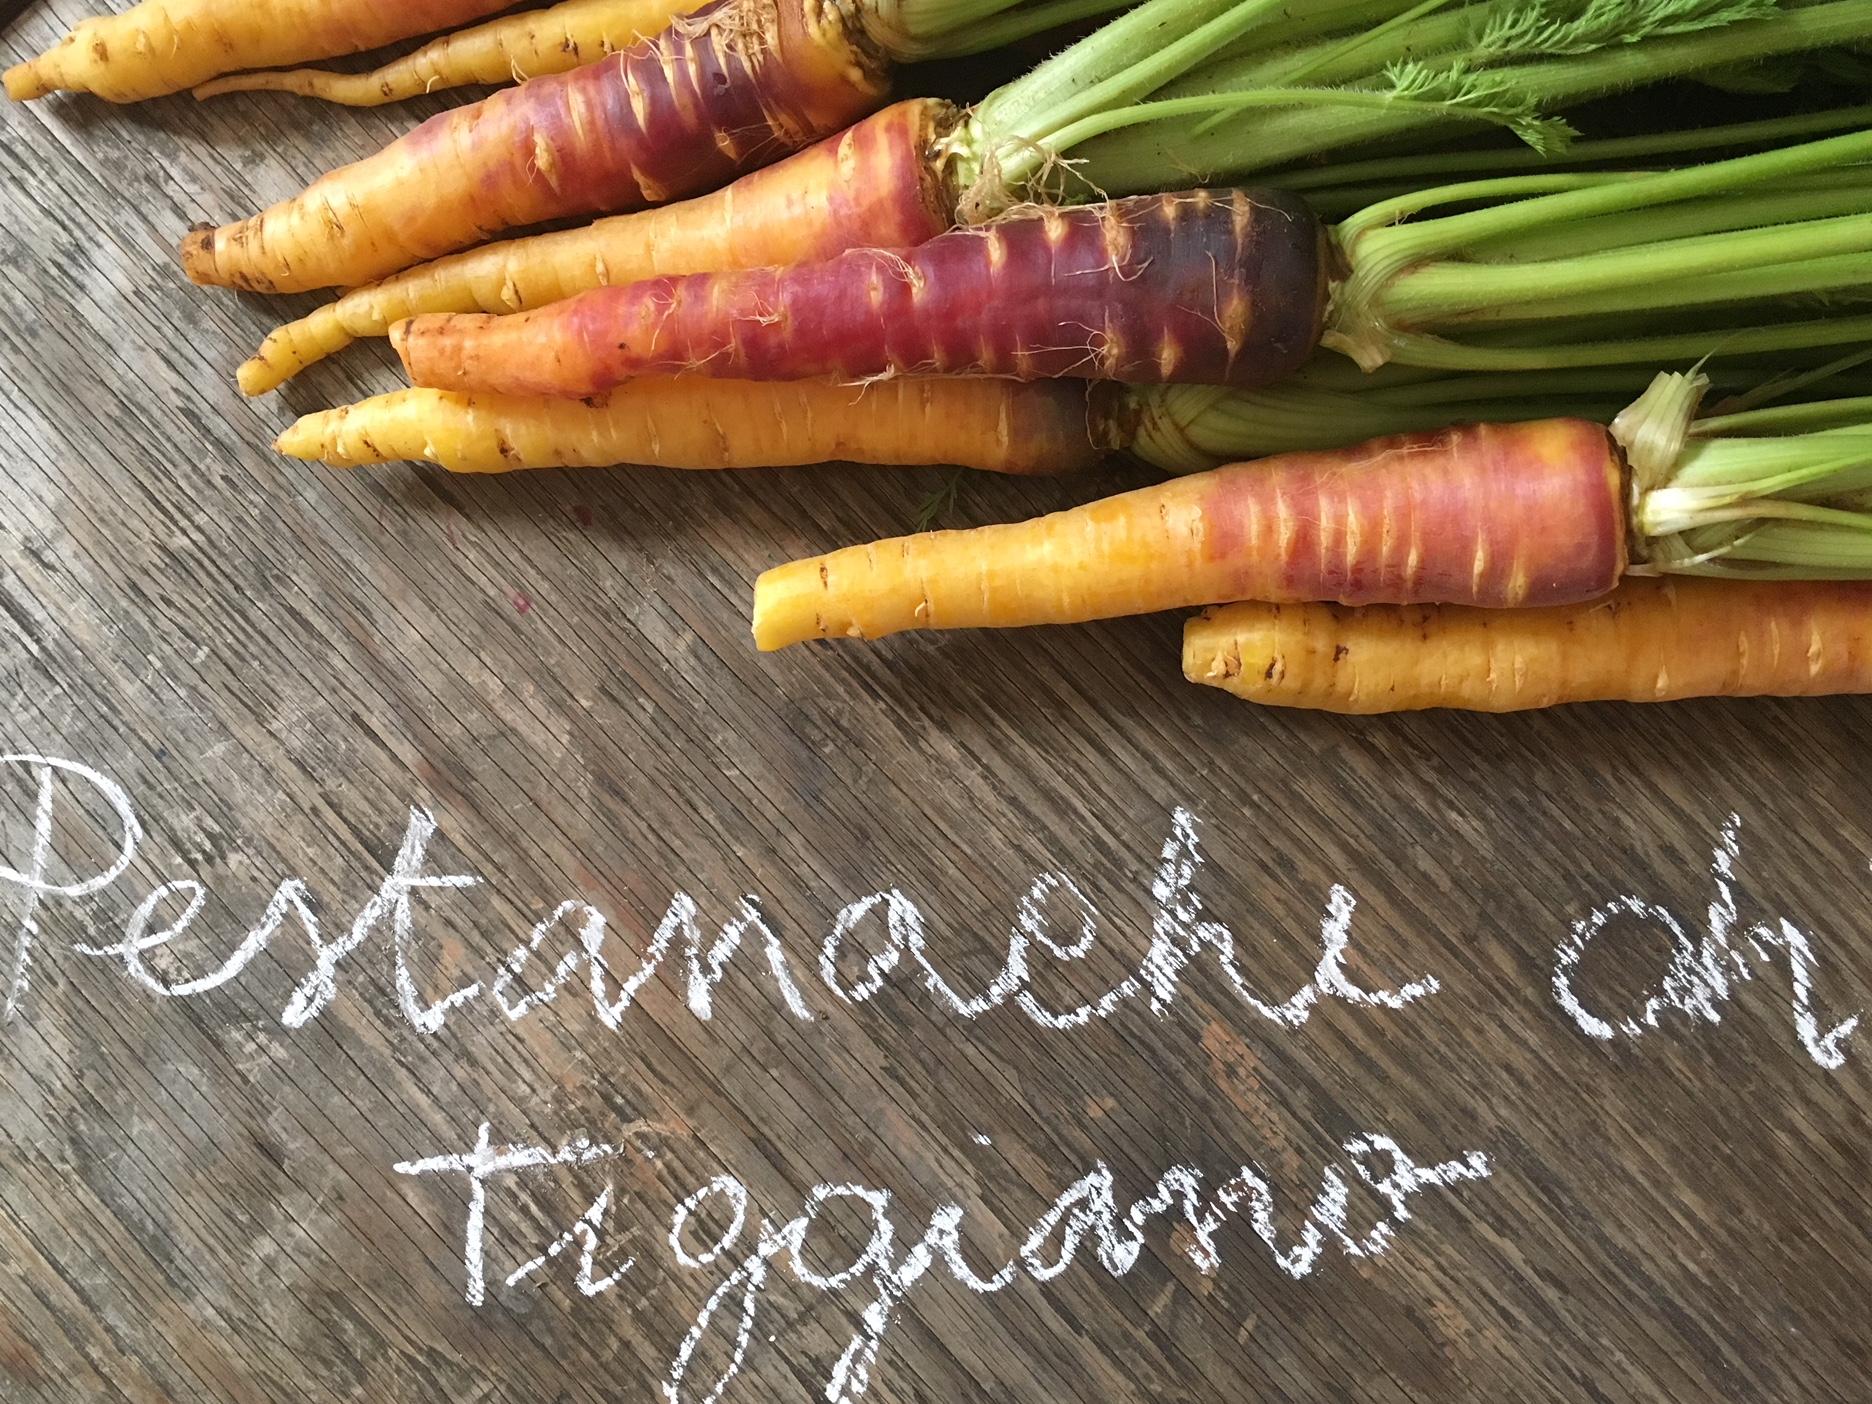 Pestanache di Tiggiano (foto di Germana Cabrelle)